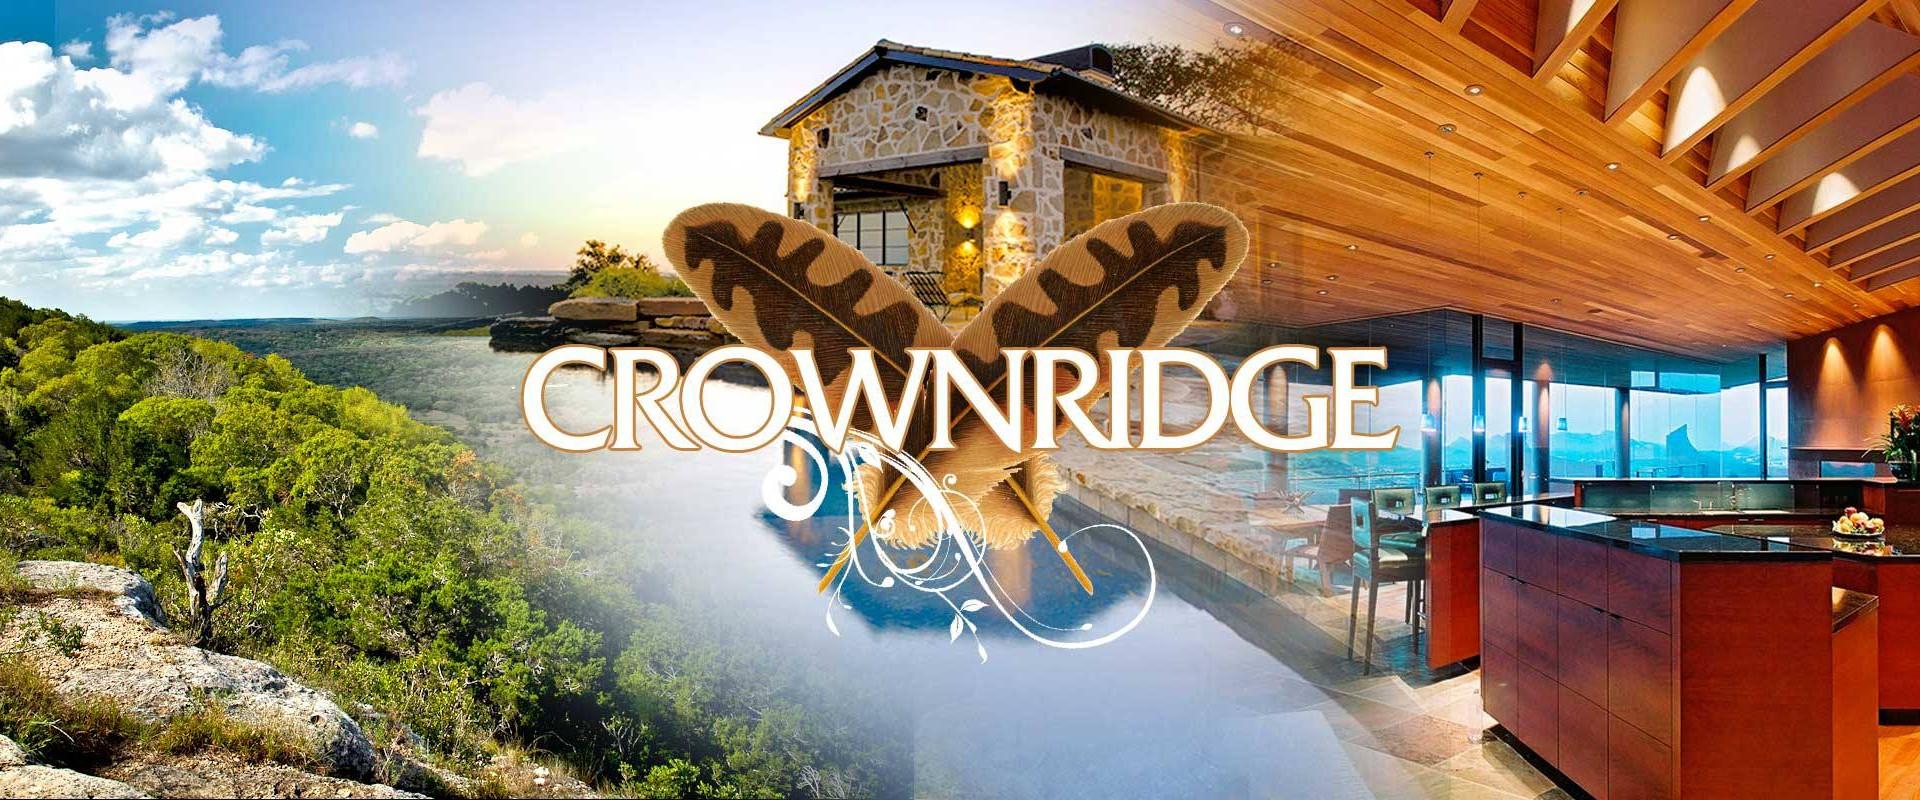 crownridge.jpg